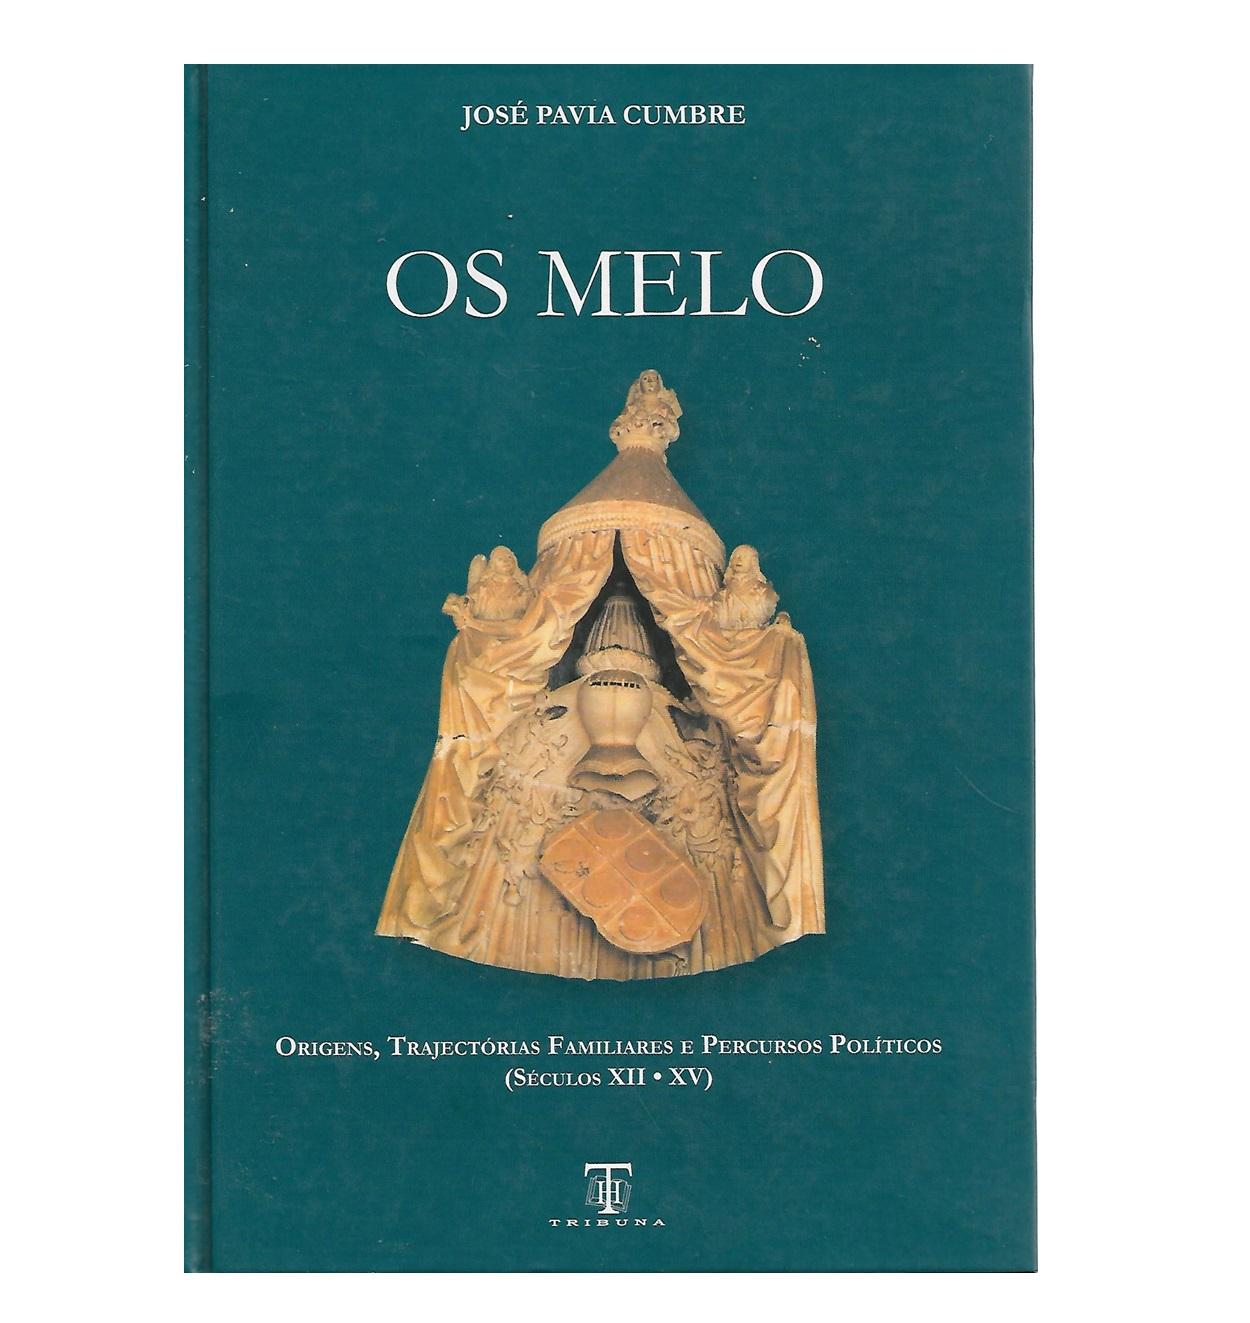 Os Melo. Origens, Trajectórias Familiares e Percursos Políticos (séculos XII-XV)